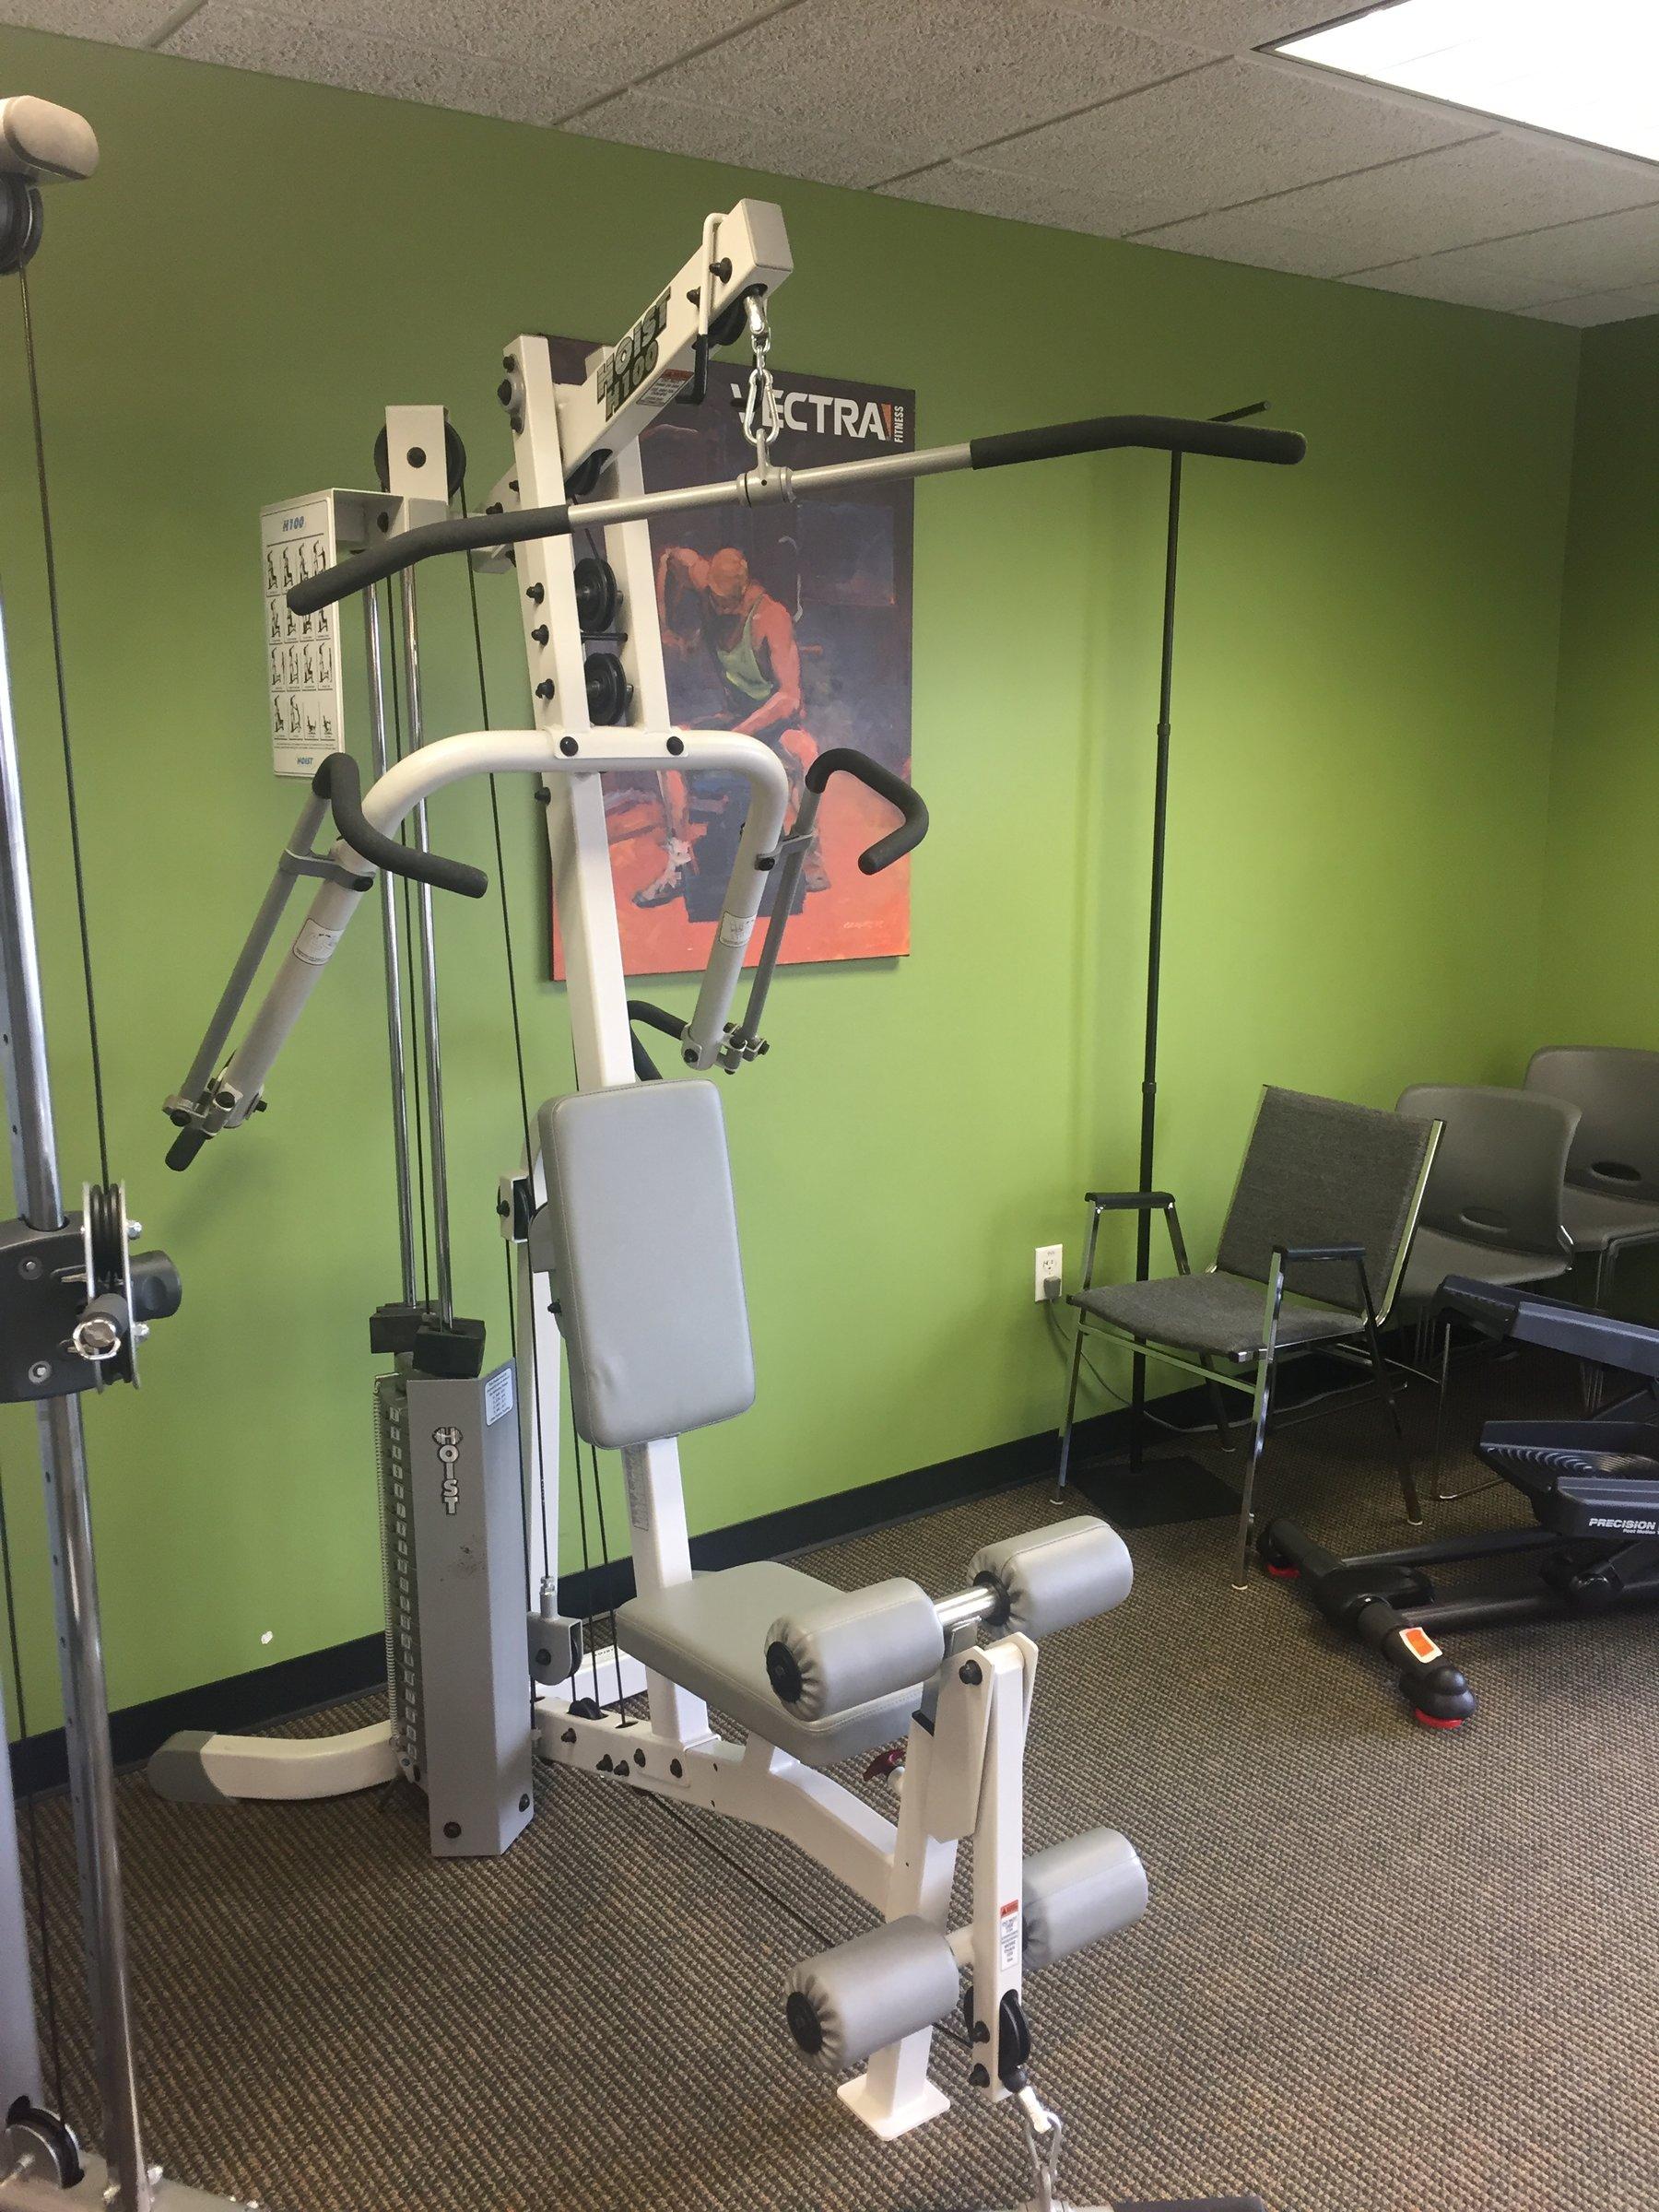 Planet Fitness Clarksville : planet, fitness, clarksville, Hoist, H-100, Scheller's, Fitness, Cycling, Louisville,, Lexington,, Clarksville